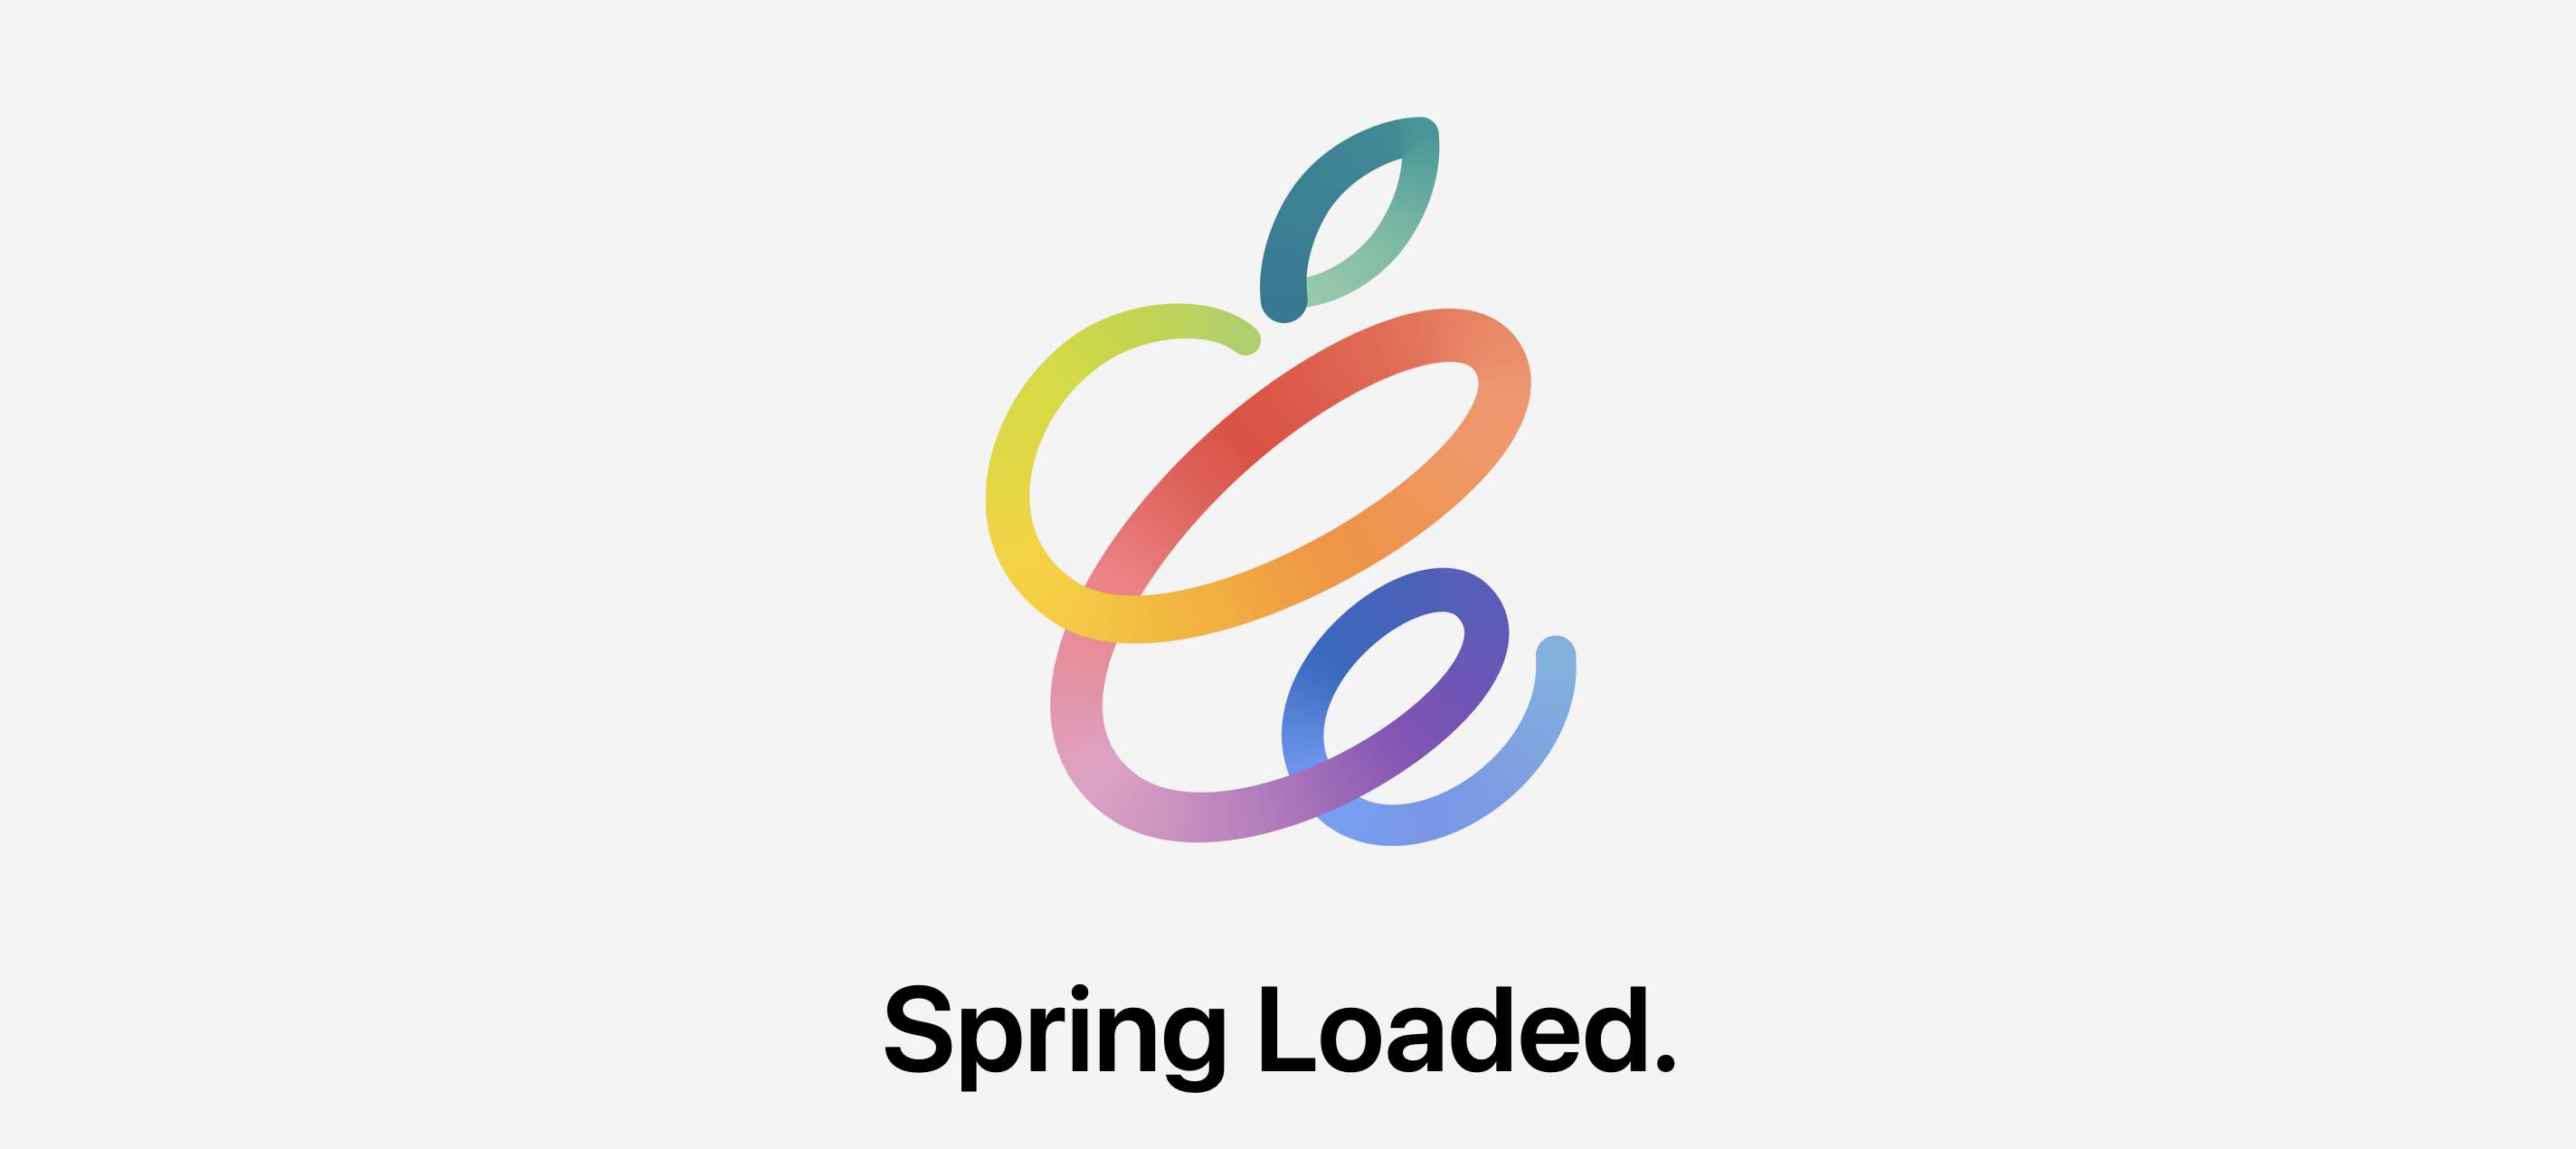 Quel produit Apple attendez-vous le plus pour la keynote du 20 avril?